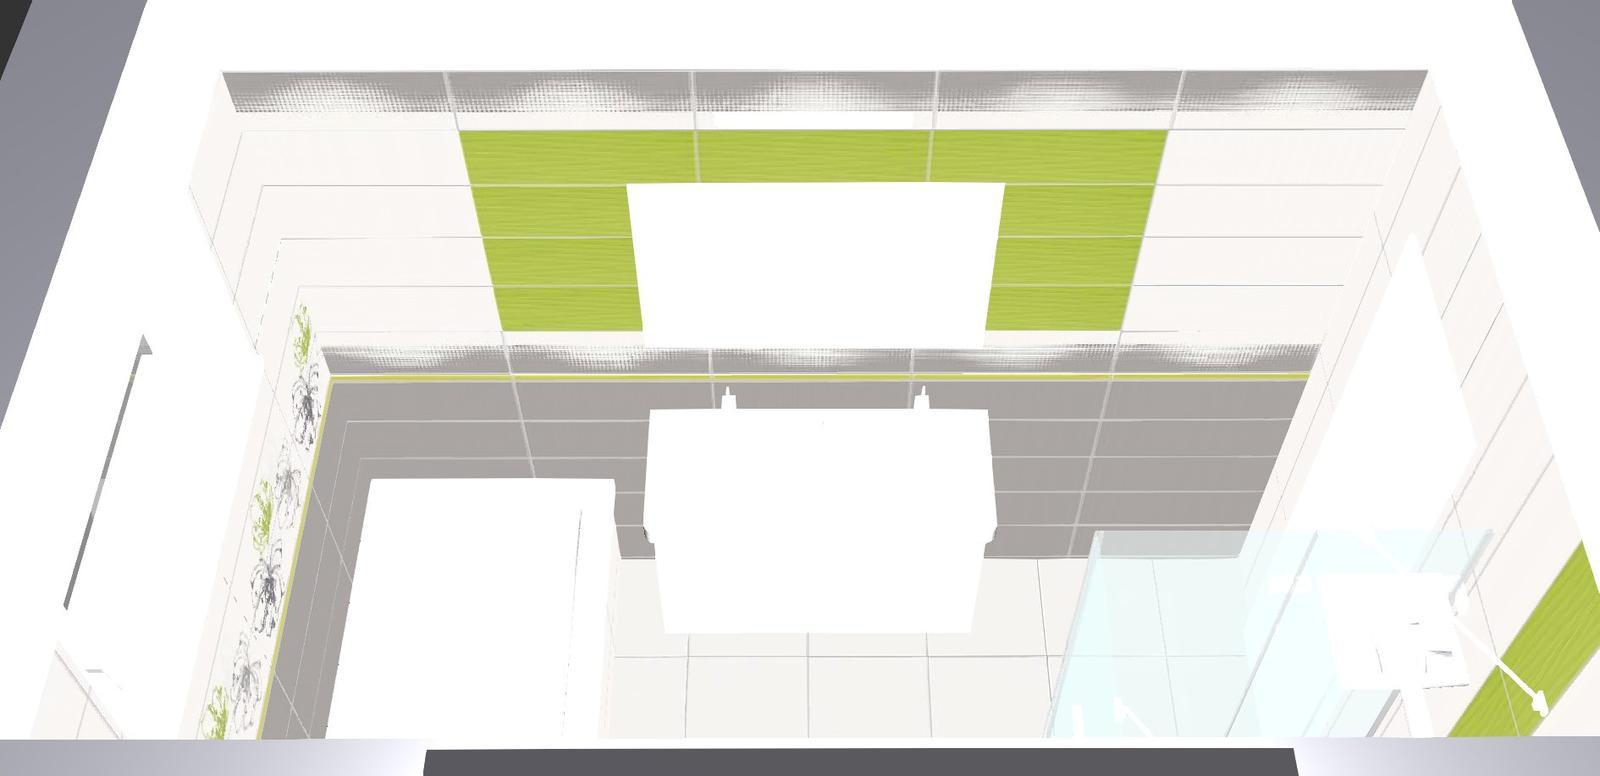 Inspiracie pre domcek - vizu nasej kupelne ale toto este riesim zrkadlo chcem nalepit a tu zelenu asi zrusim